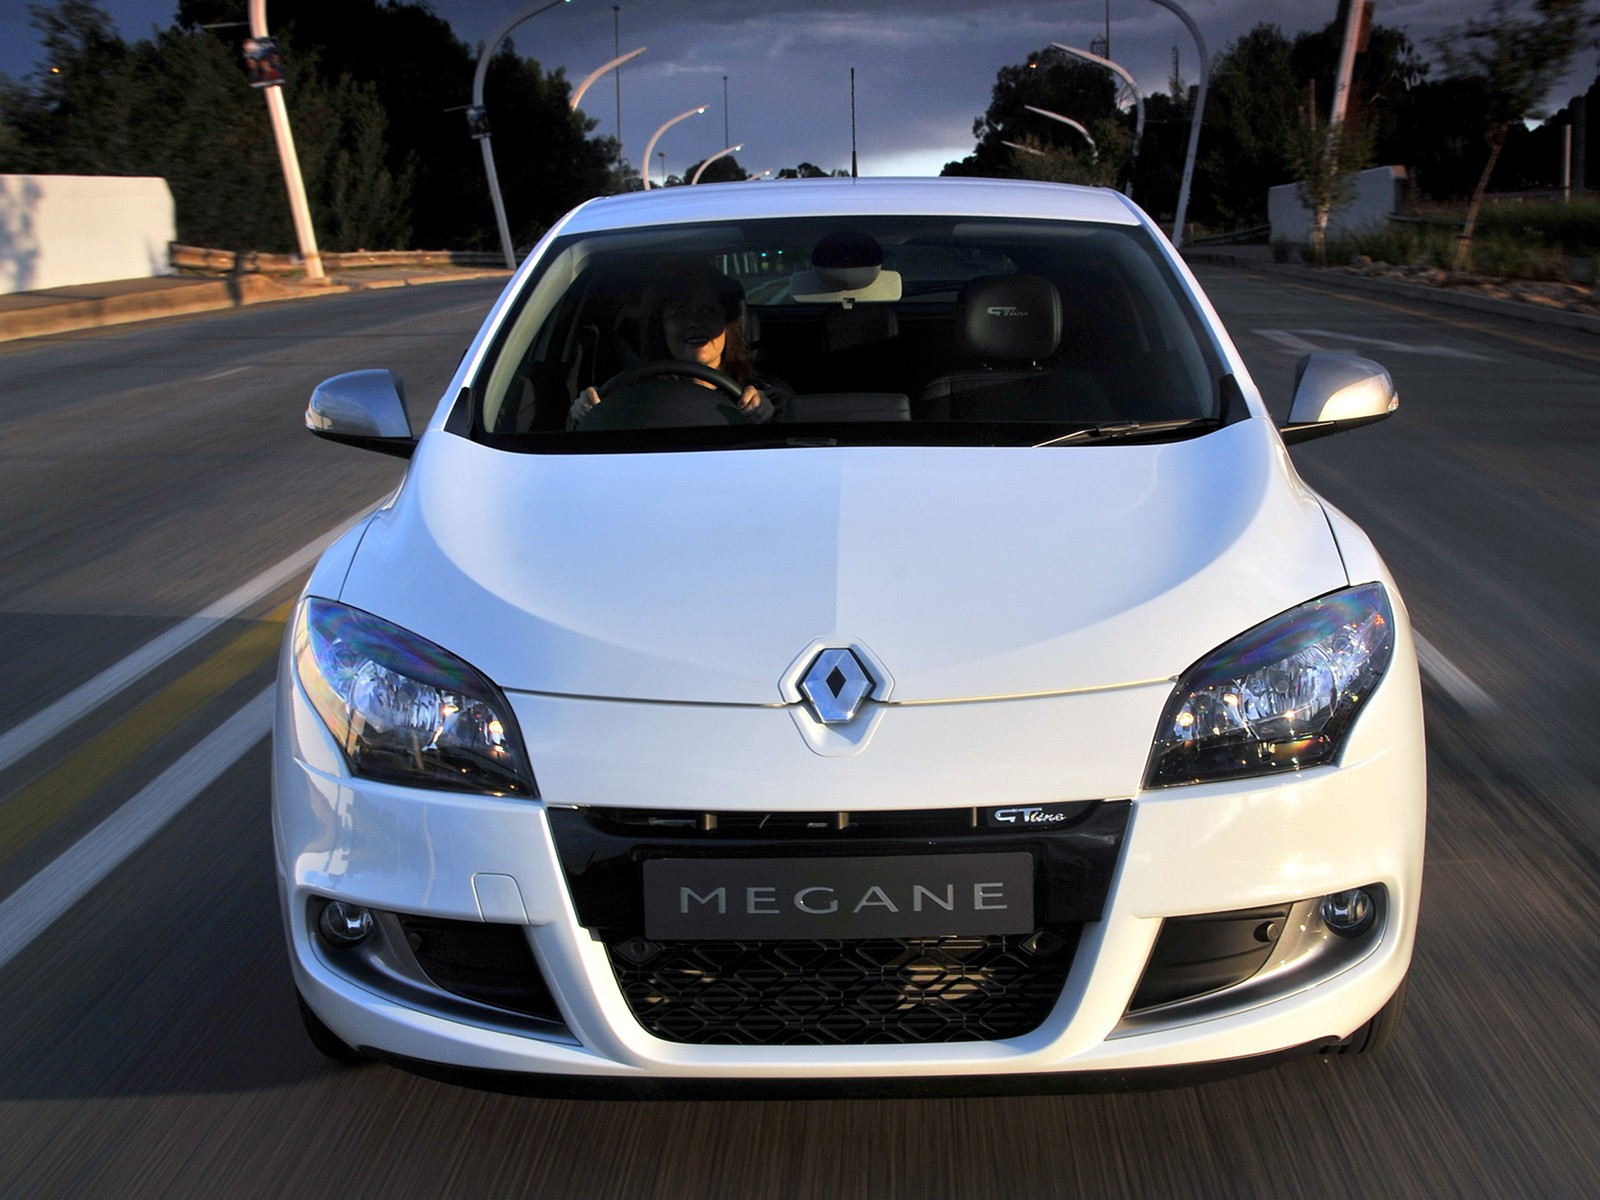 Renault Megane Gt 3 Doors Specs Photos 2010 2011 2012 2013